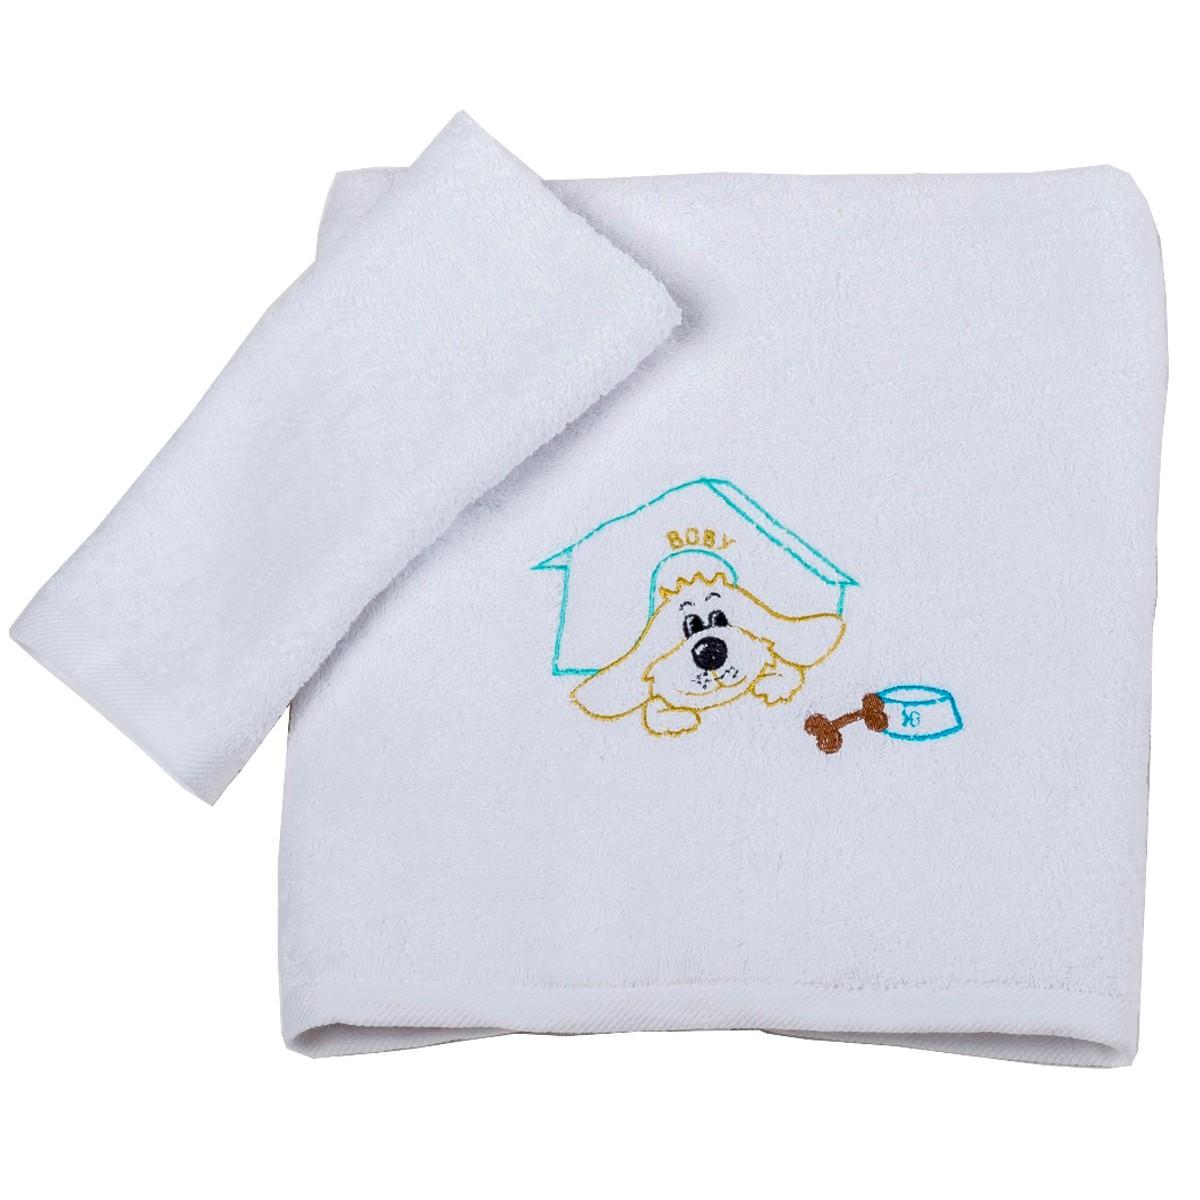 Βρεφικές Πετσέτες (Σετ 2τμχ) Κόσμος Του Μωρού Boby 0502 Τυρκουάζ